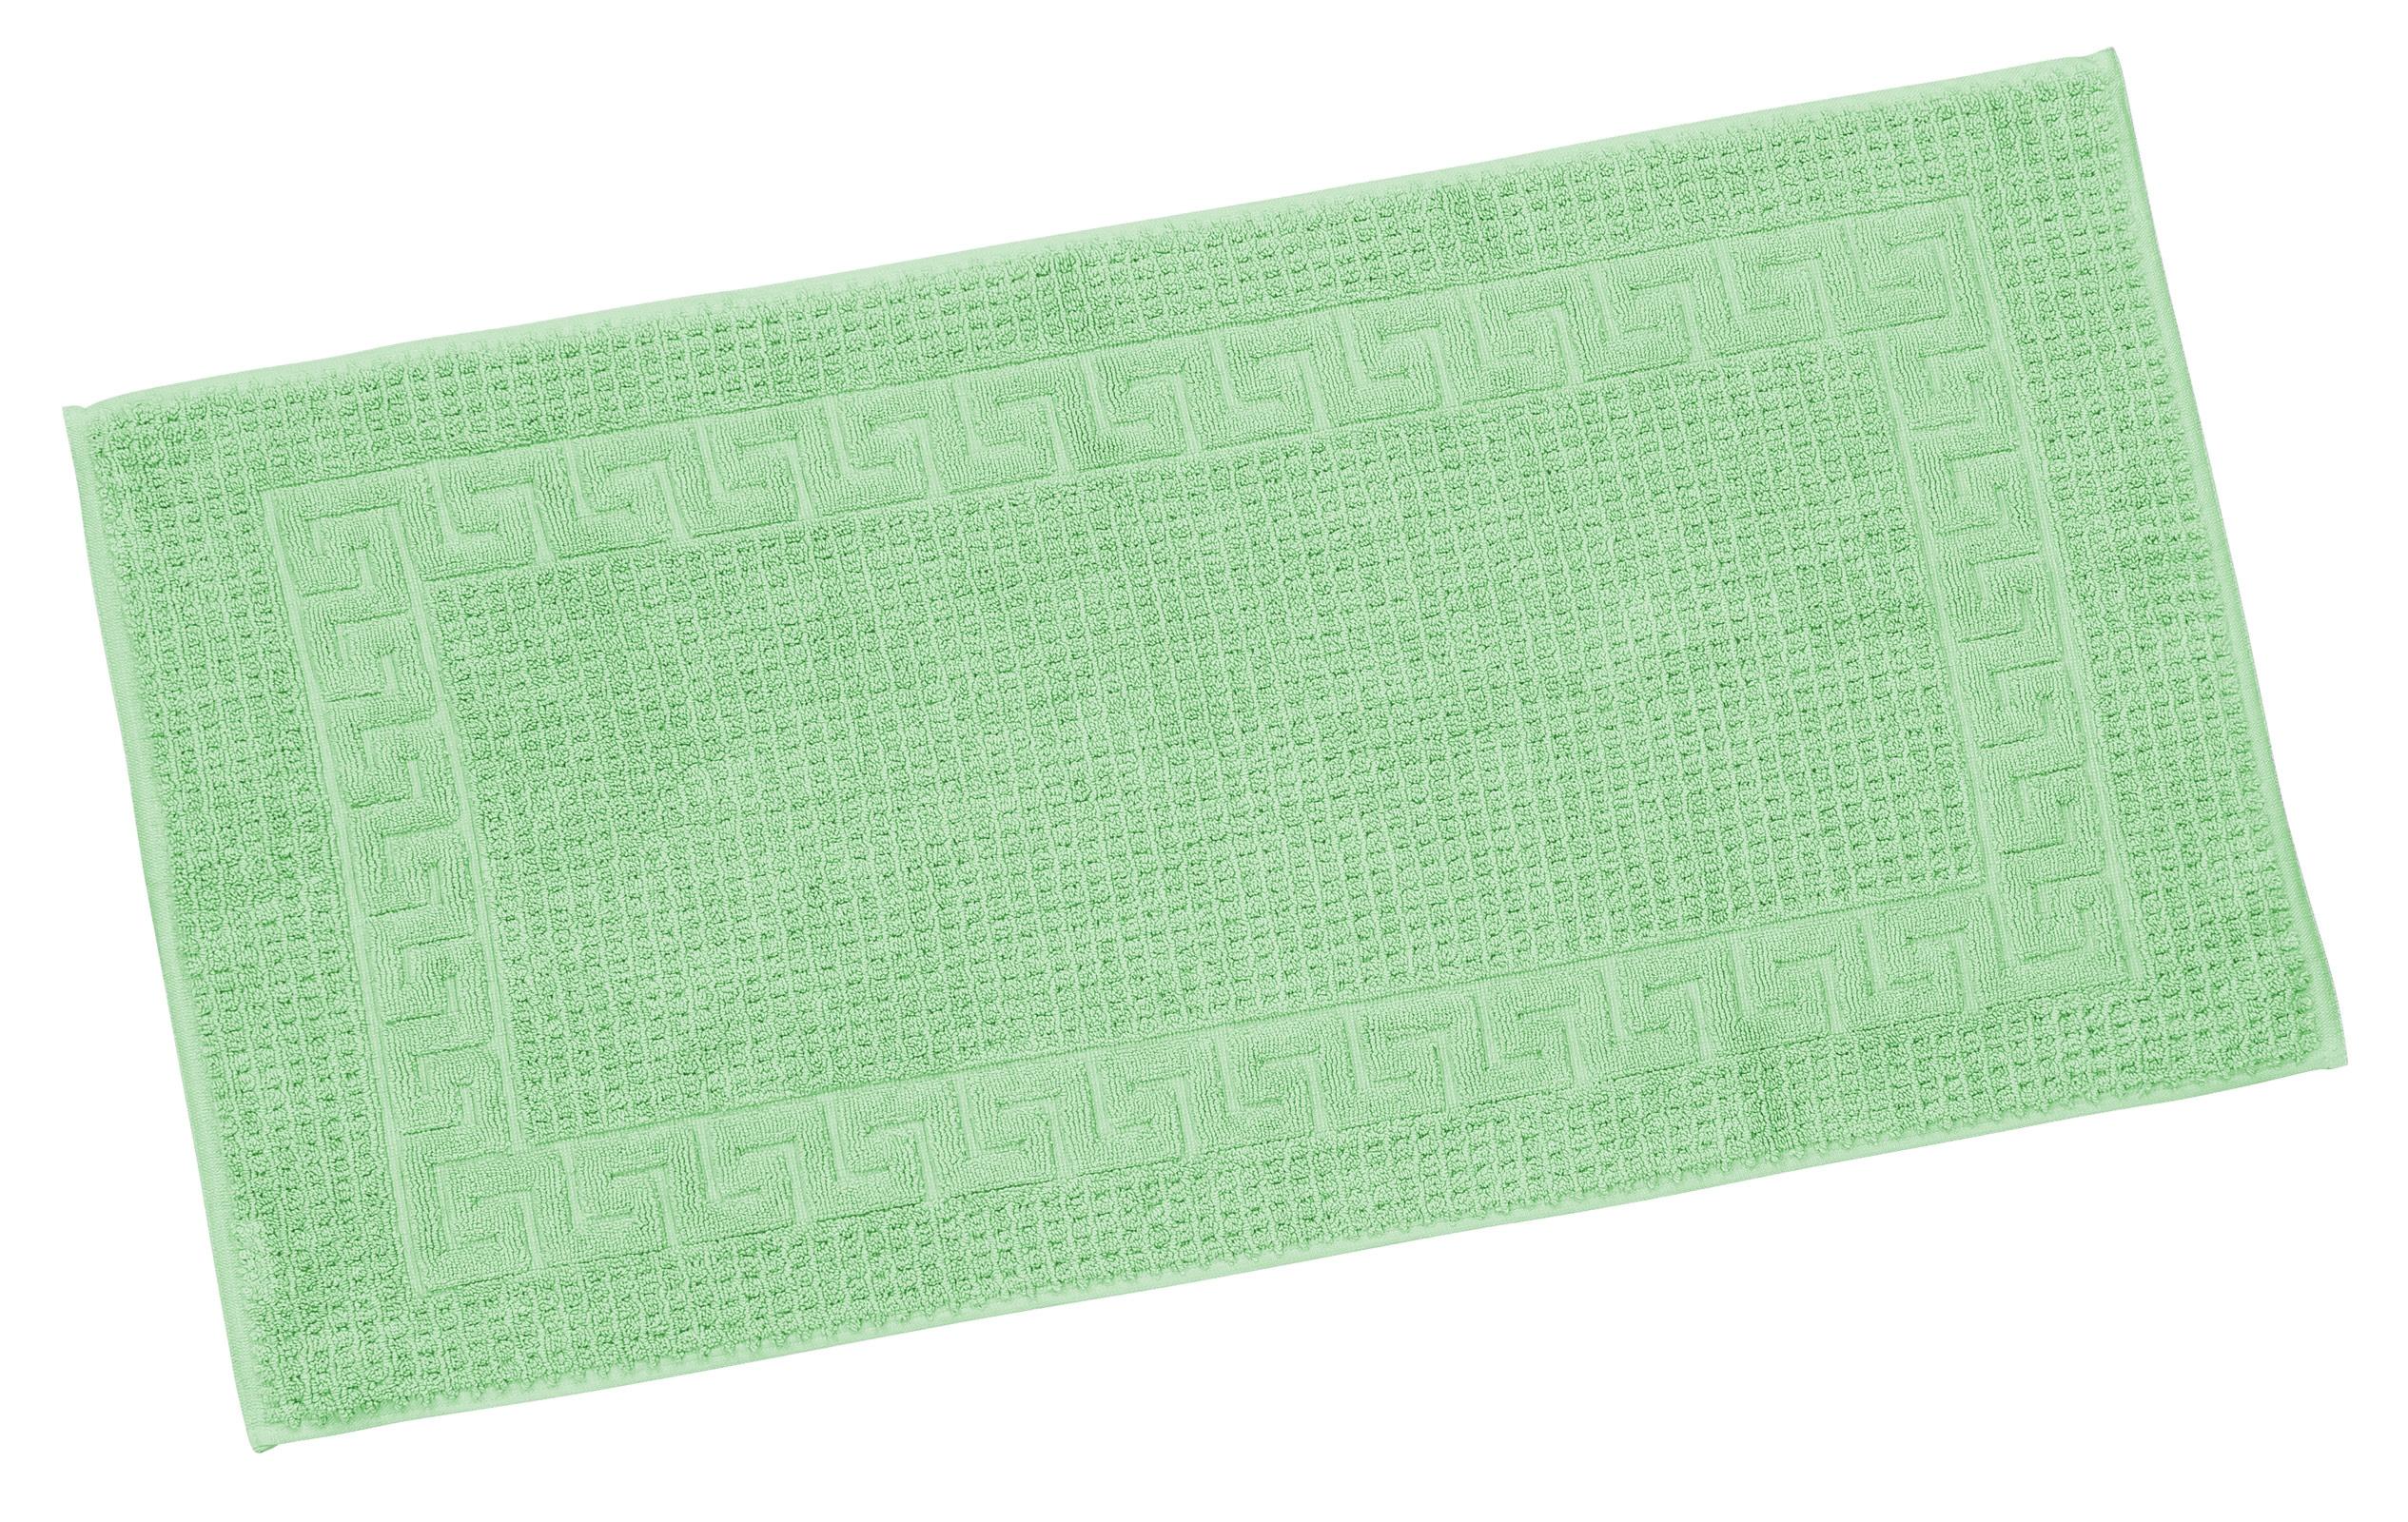 Badtextilien - Restposten Floringo Badvorleger Badematte exclusiv 1100 g m² Badeteppich lindgrün 50x100  - Onlineshop PremiumShop321